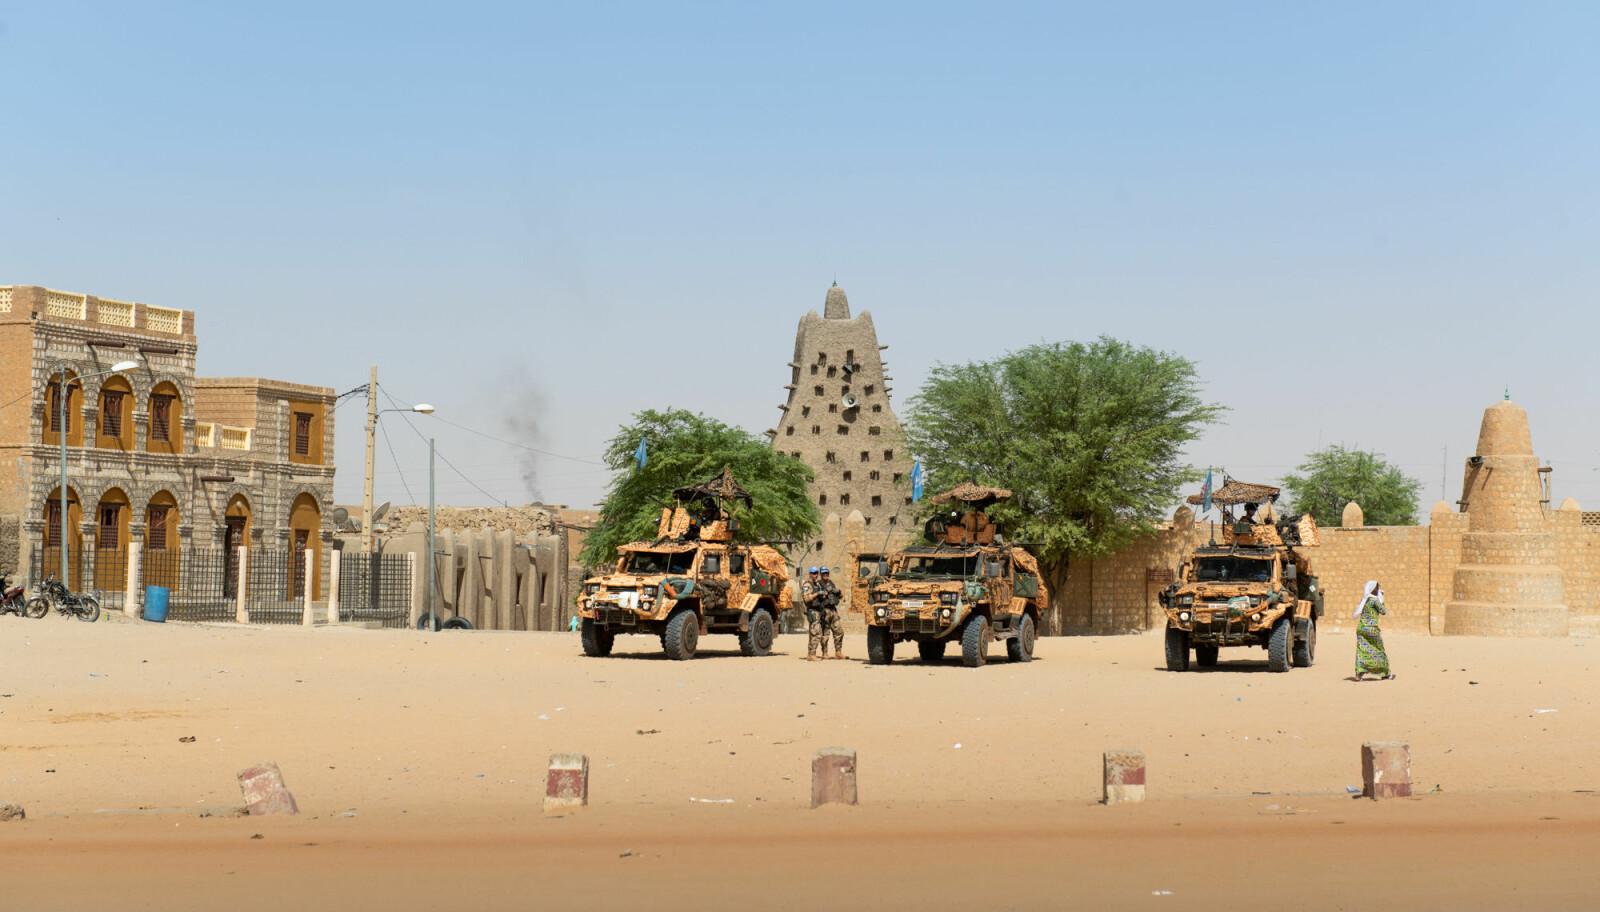 Sankoré-moskeen, en av tre eldgamle læringssteder i Timbuktu, datert tilbake til år 989